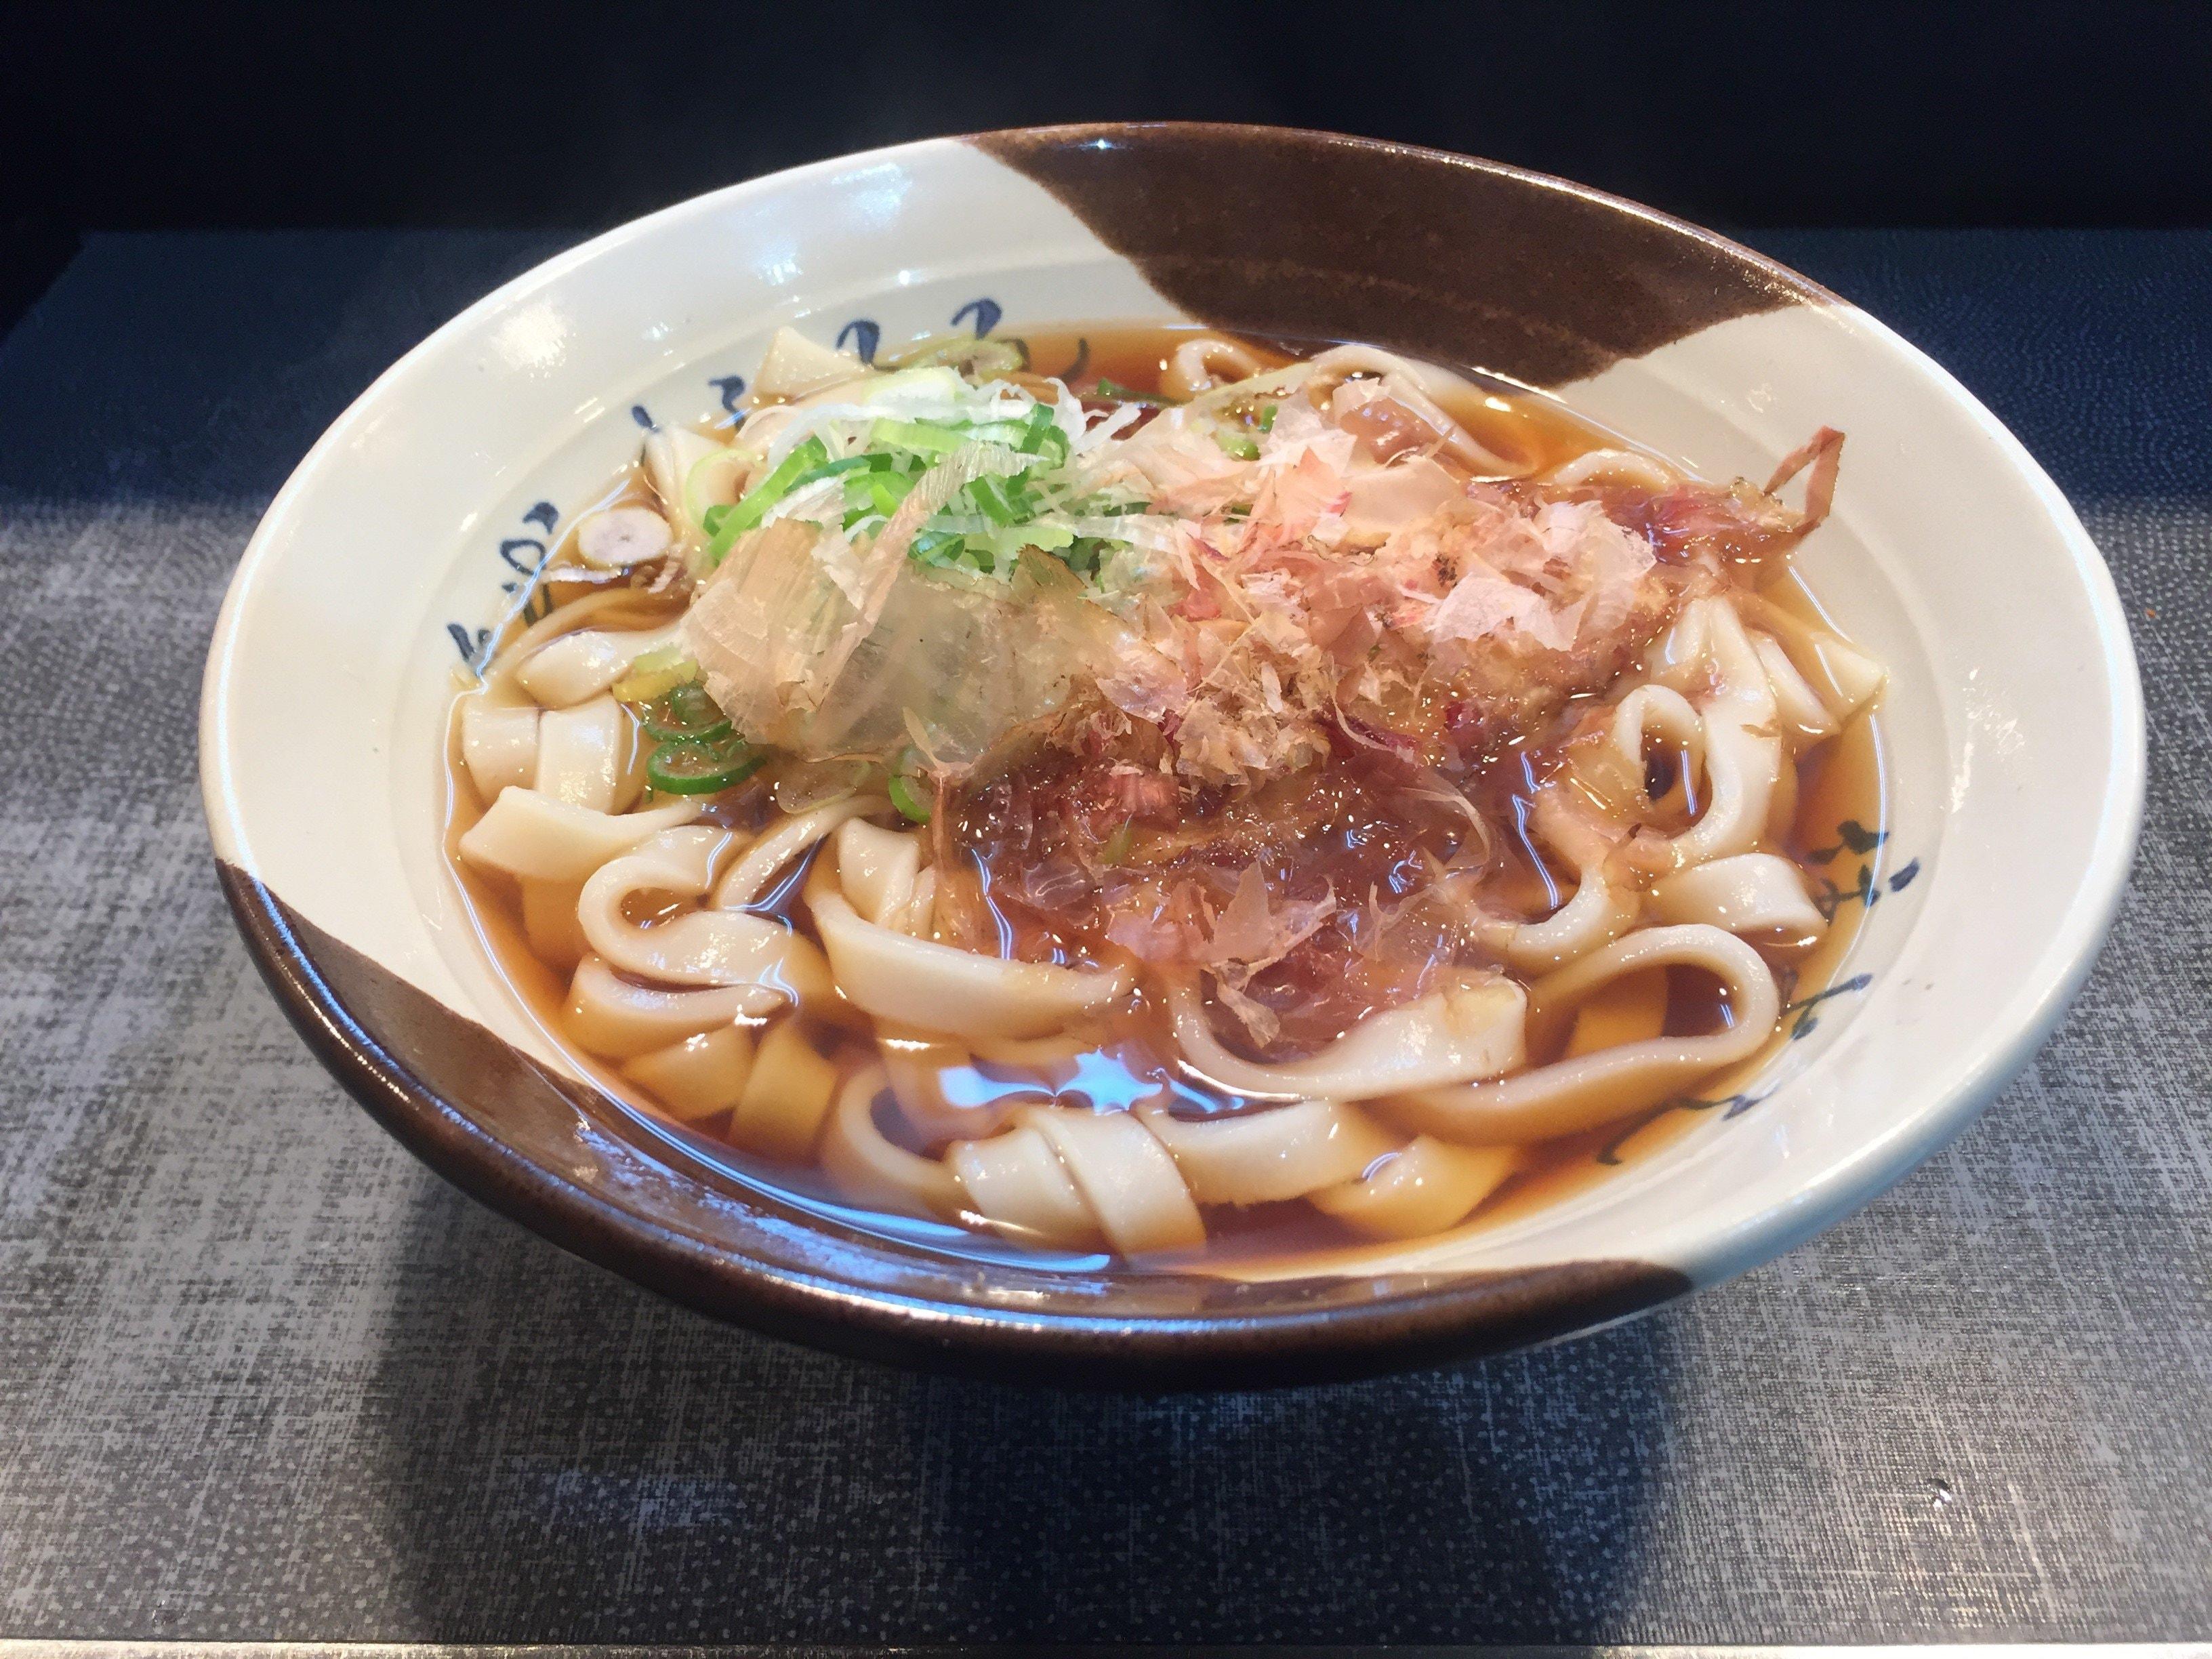 元乃木坂46永島聖羅が20歳にお食い初めした「住よし」の夏ピッタリの一品の画像001